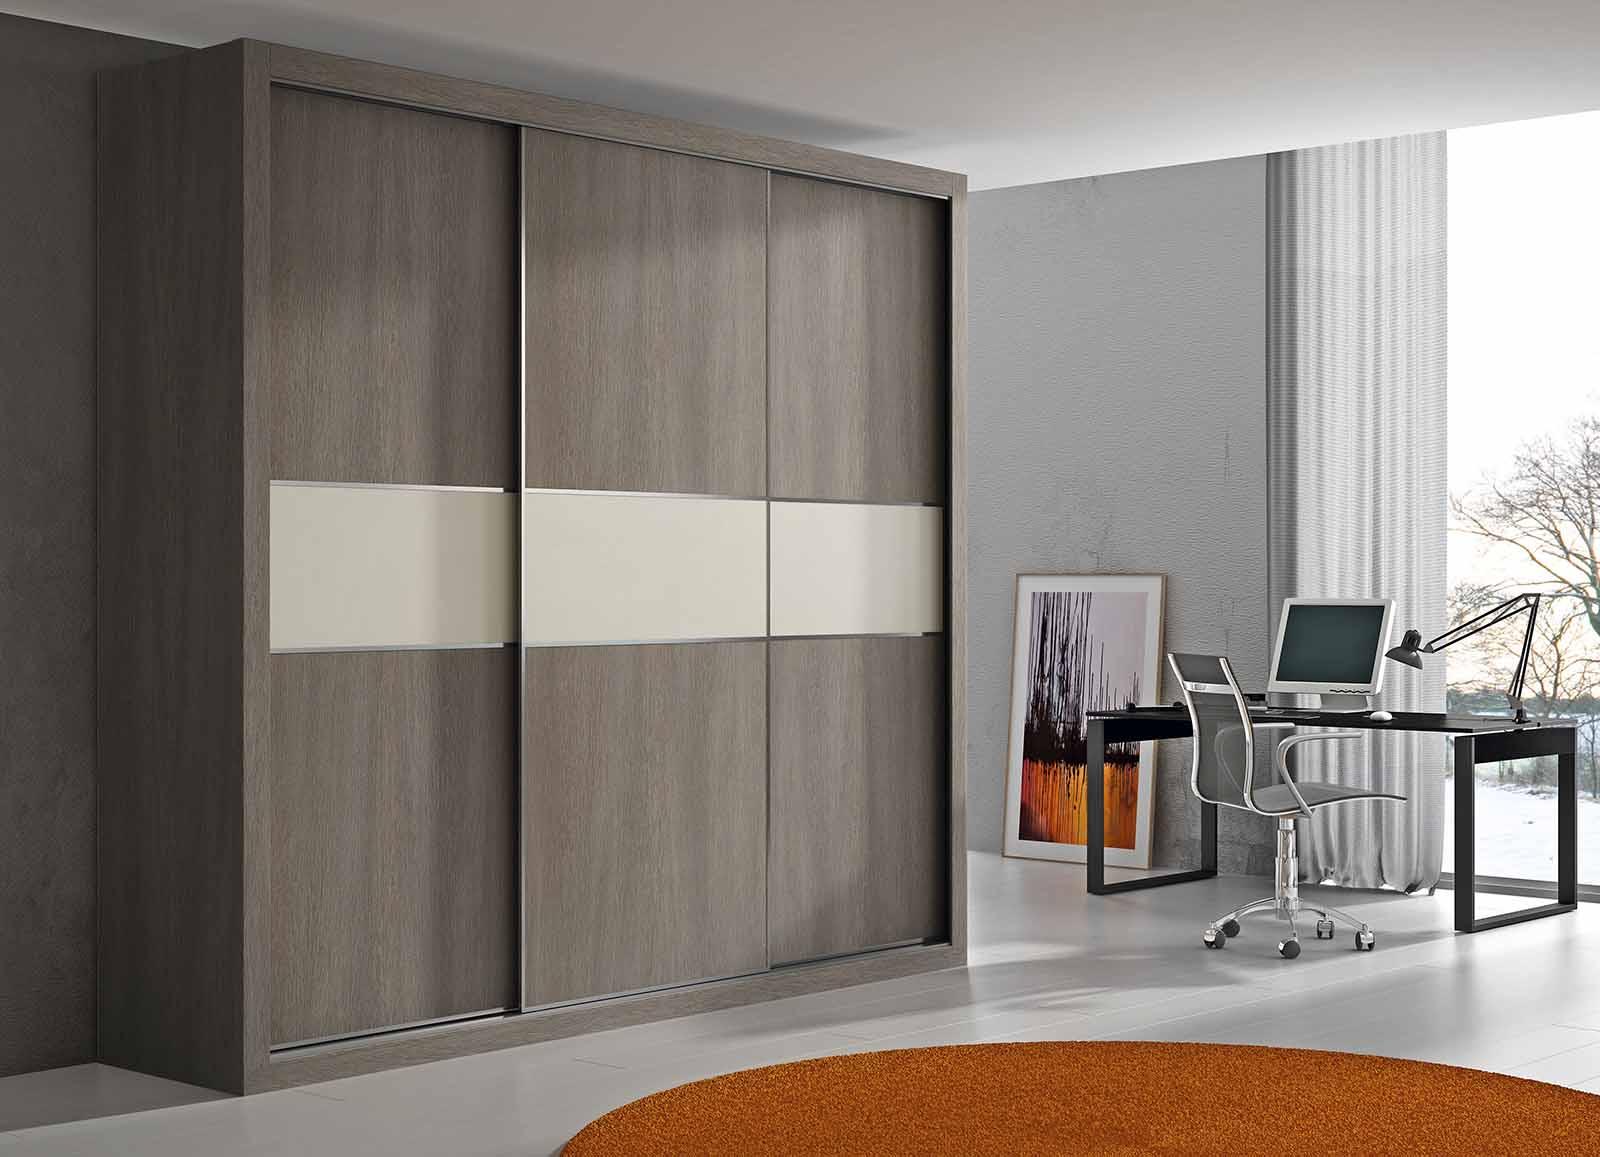 Todo lo que debe tener un buen armario o vestidorcocinas for Configurador cocinas